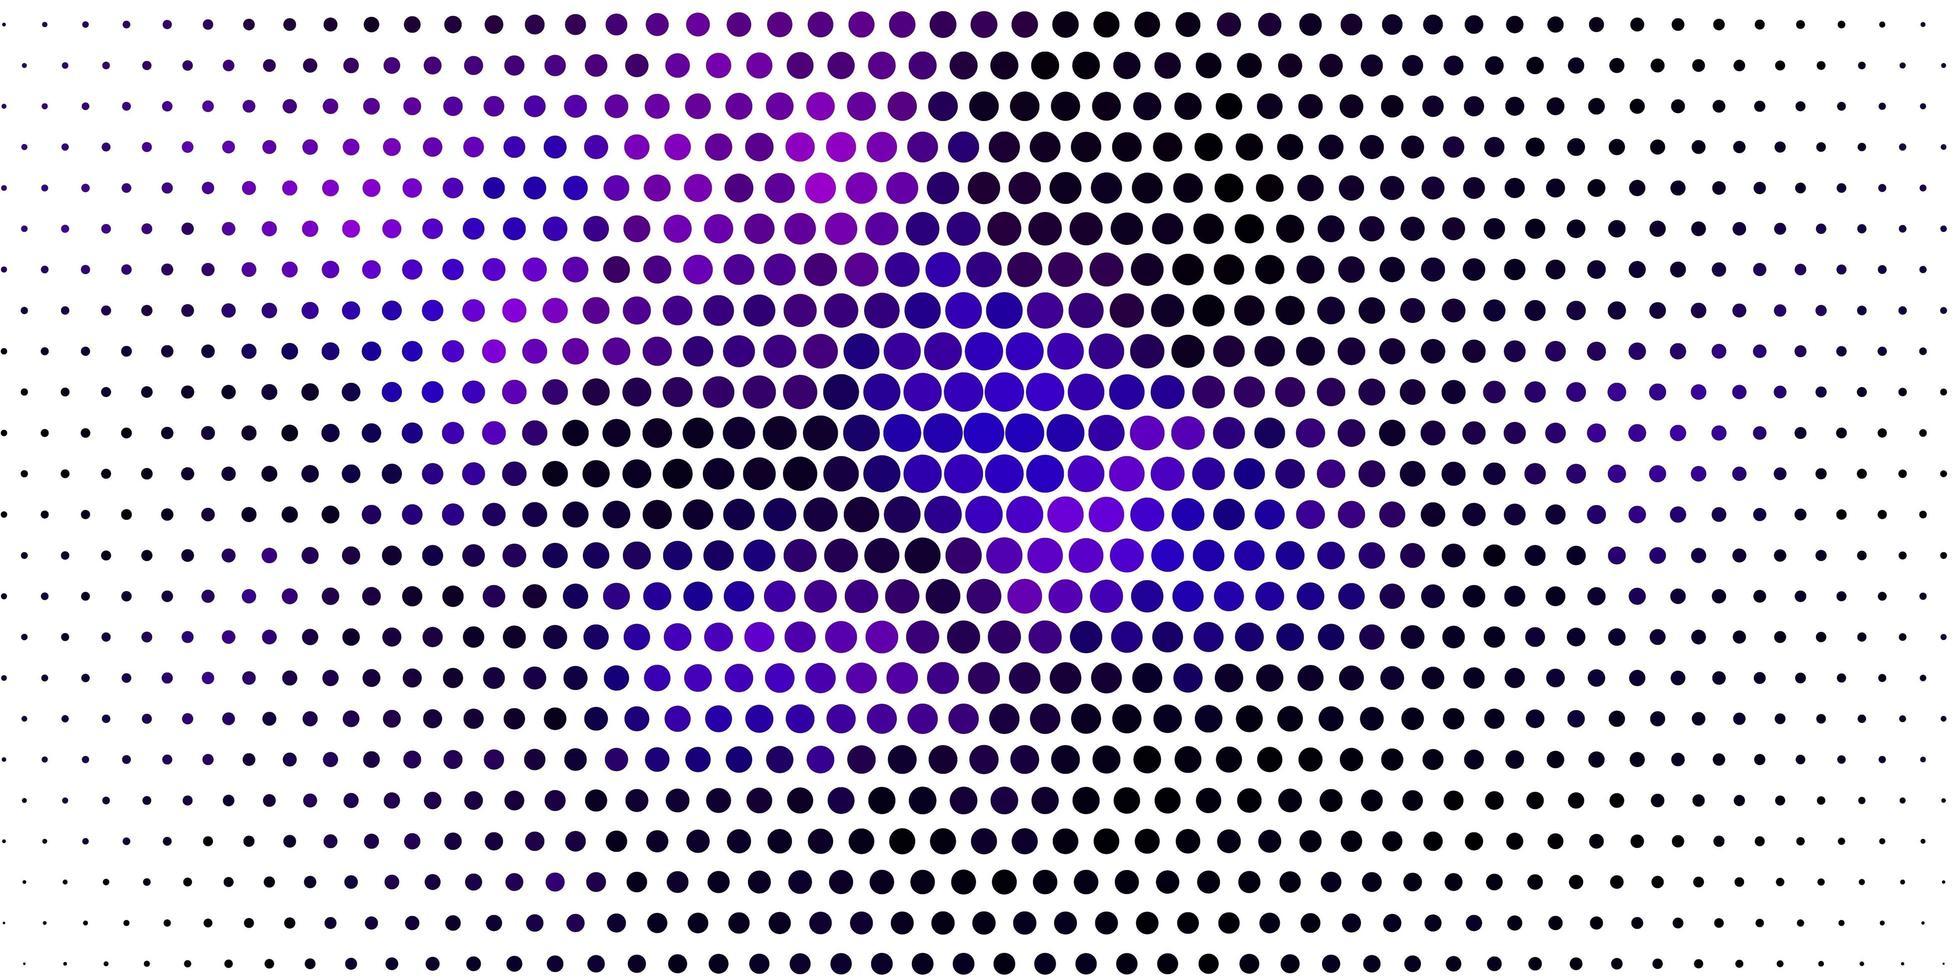 layout viola con forme circolari. vettore